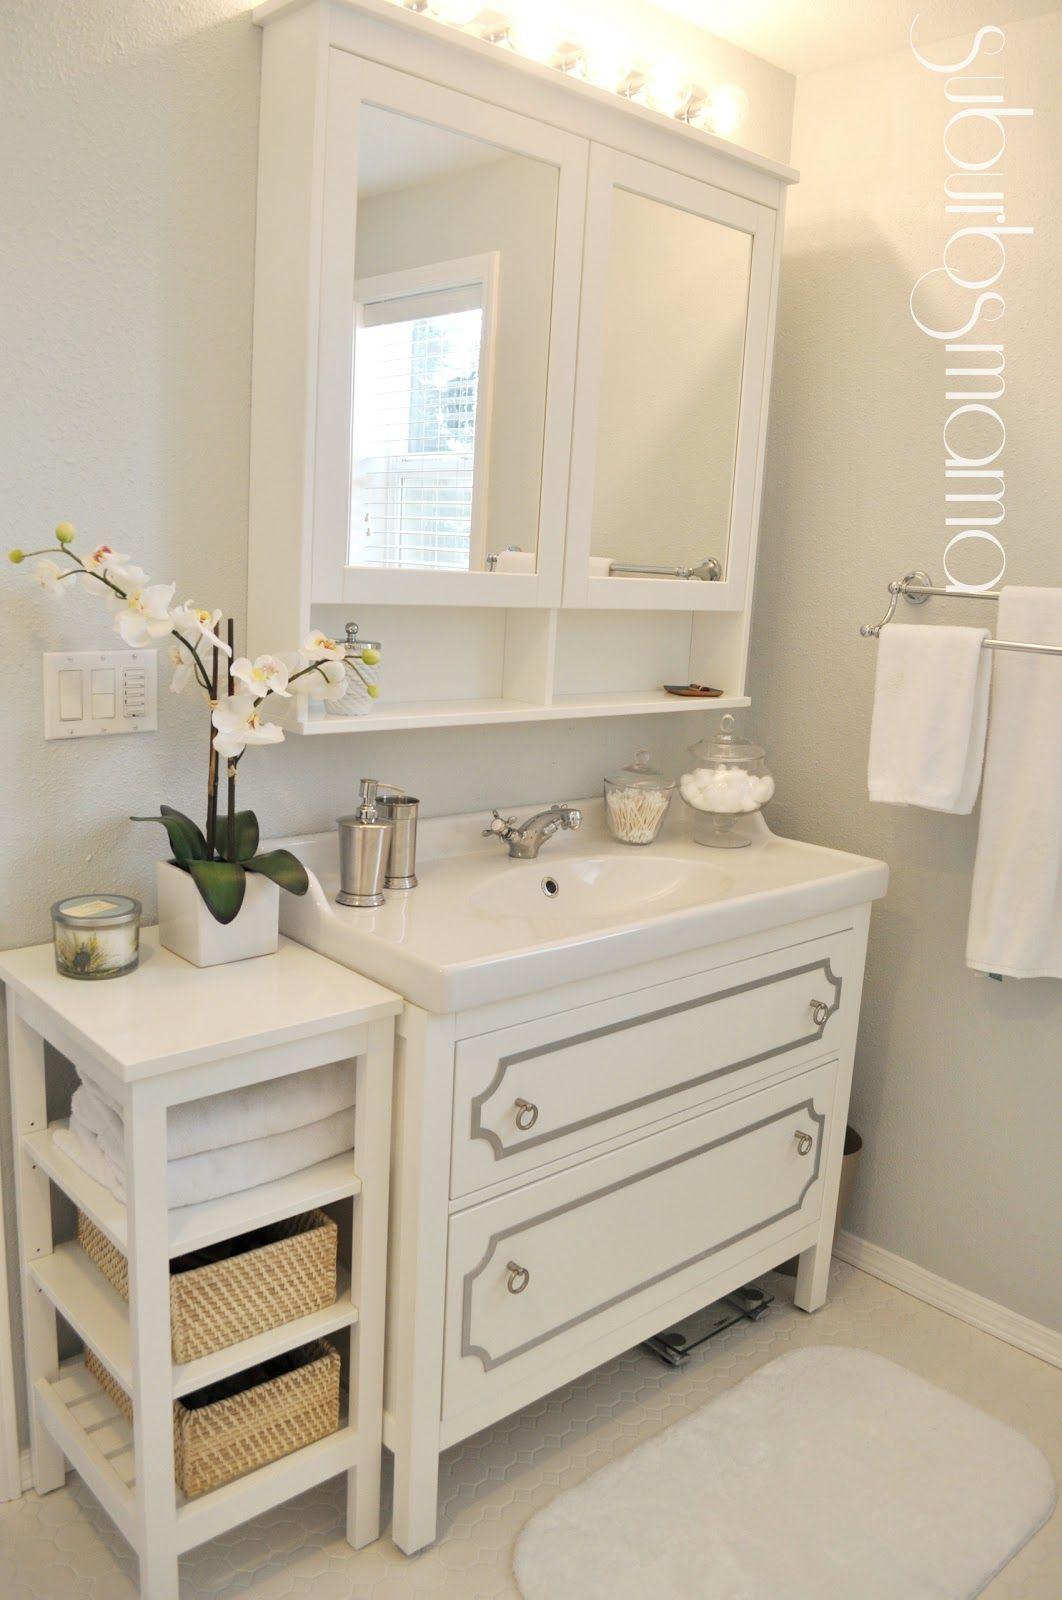 badezimmereinrichtenspiegelschrank in 2019 Ikea